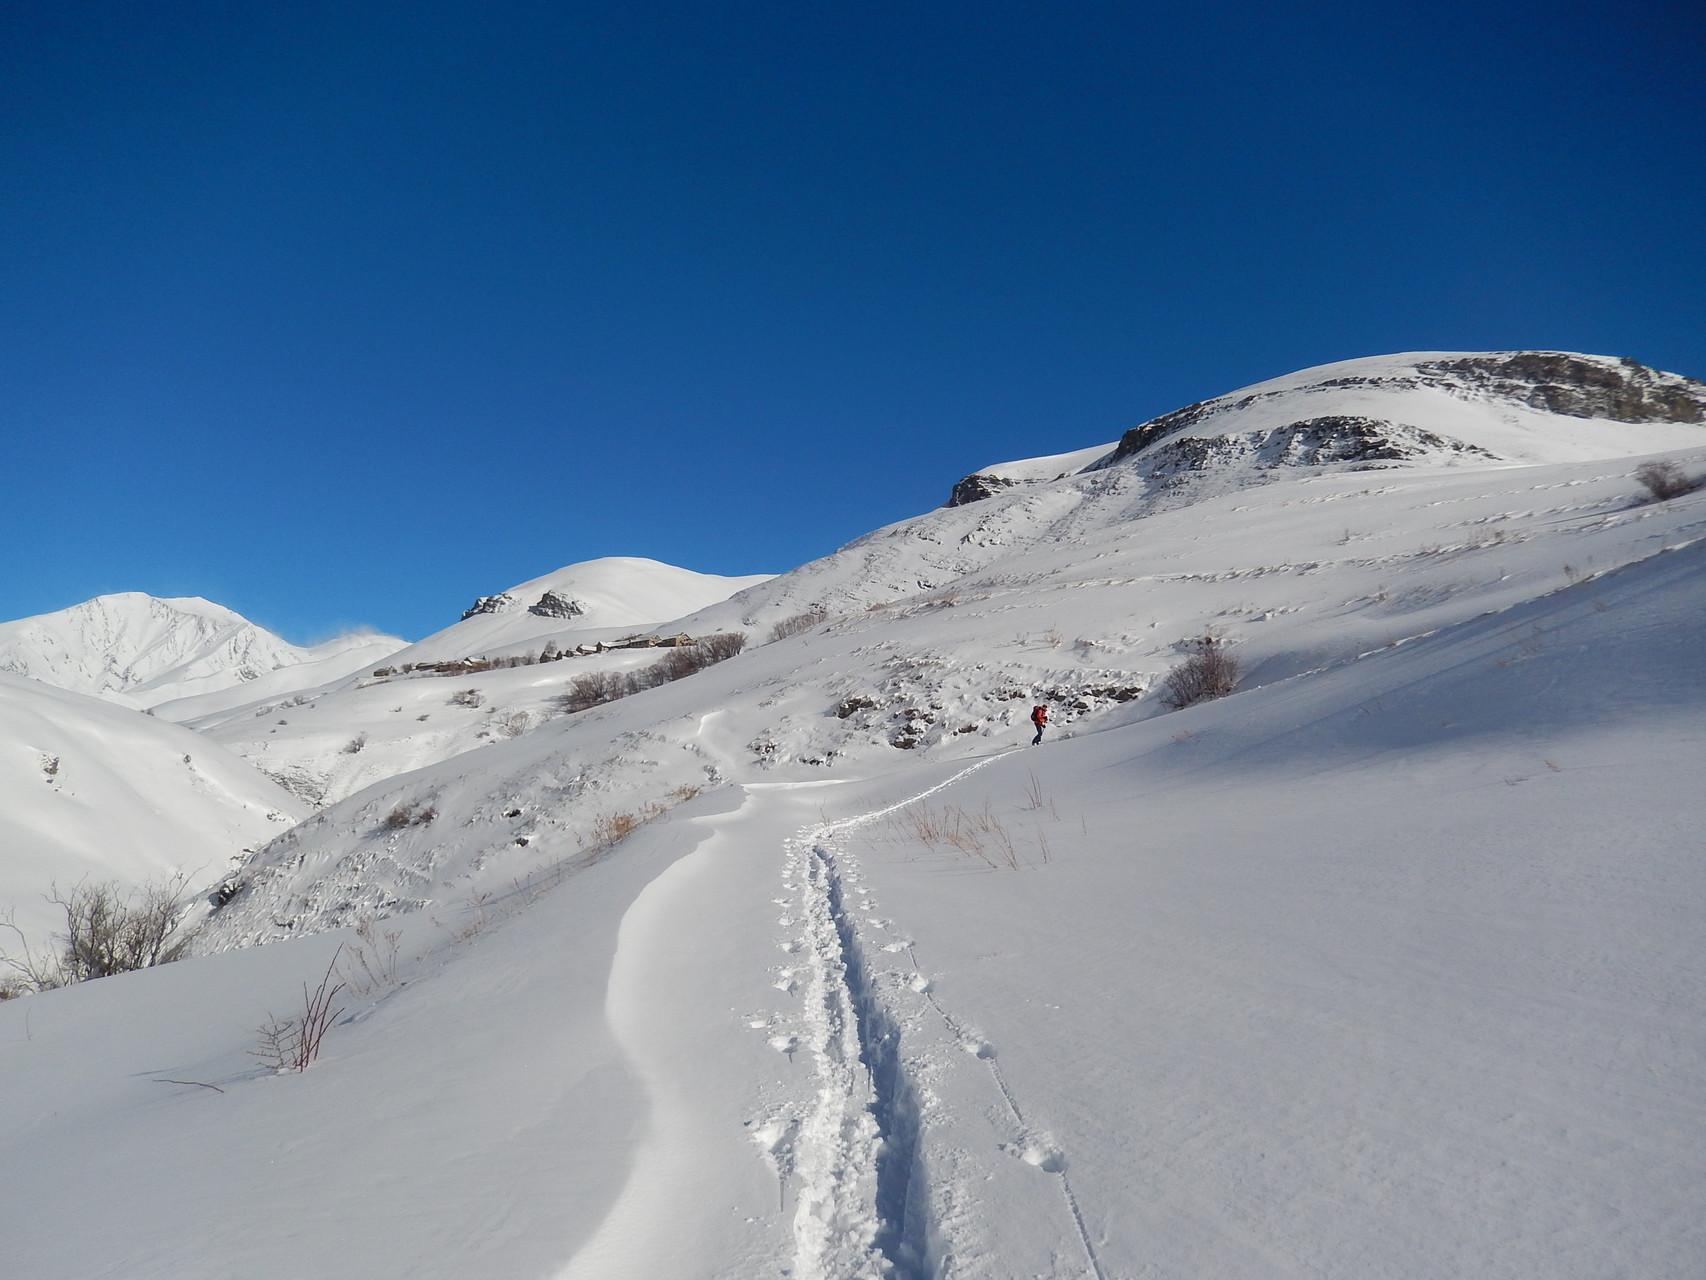 Ski de randonnée à La Grave / Skitouring in La Grave. Ecrins, France